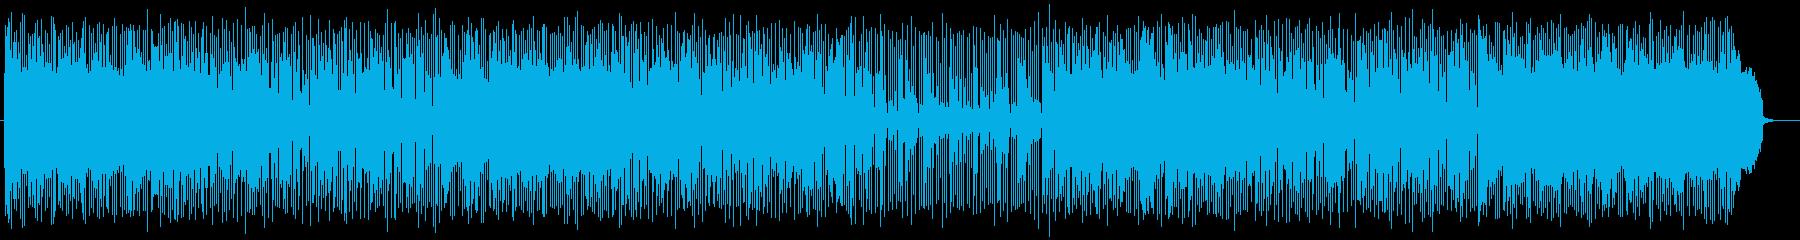 軽快なピアノポップスの再生済みの波形